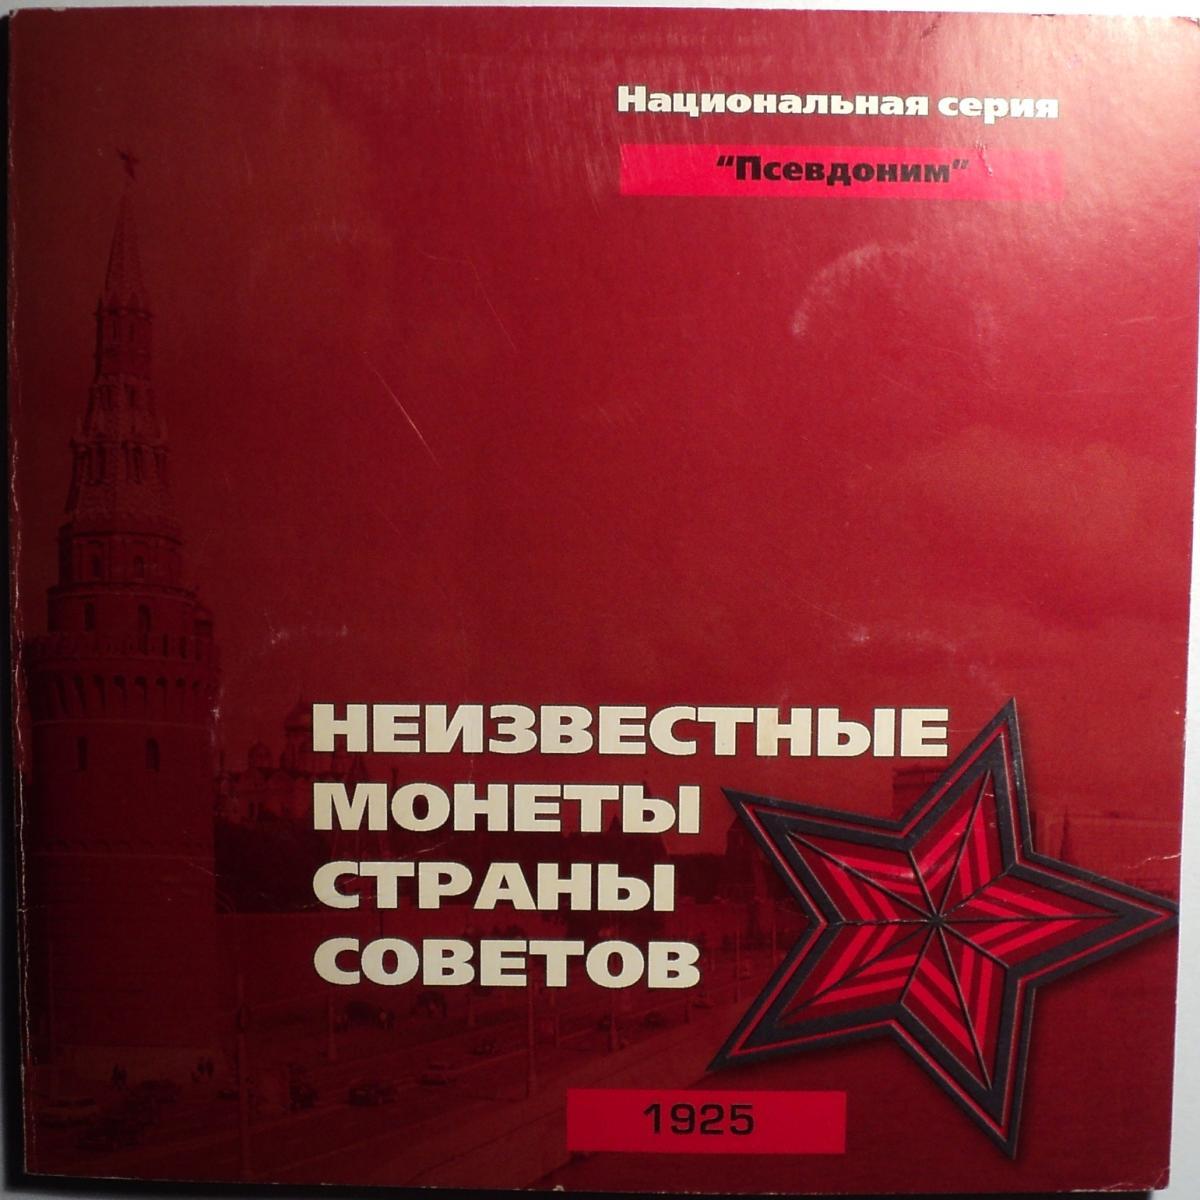 Сайт мастервижн стоимость монеты 1 рубль 1997 года цена